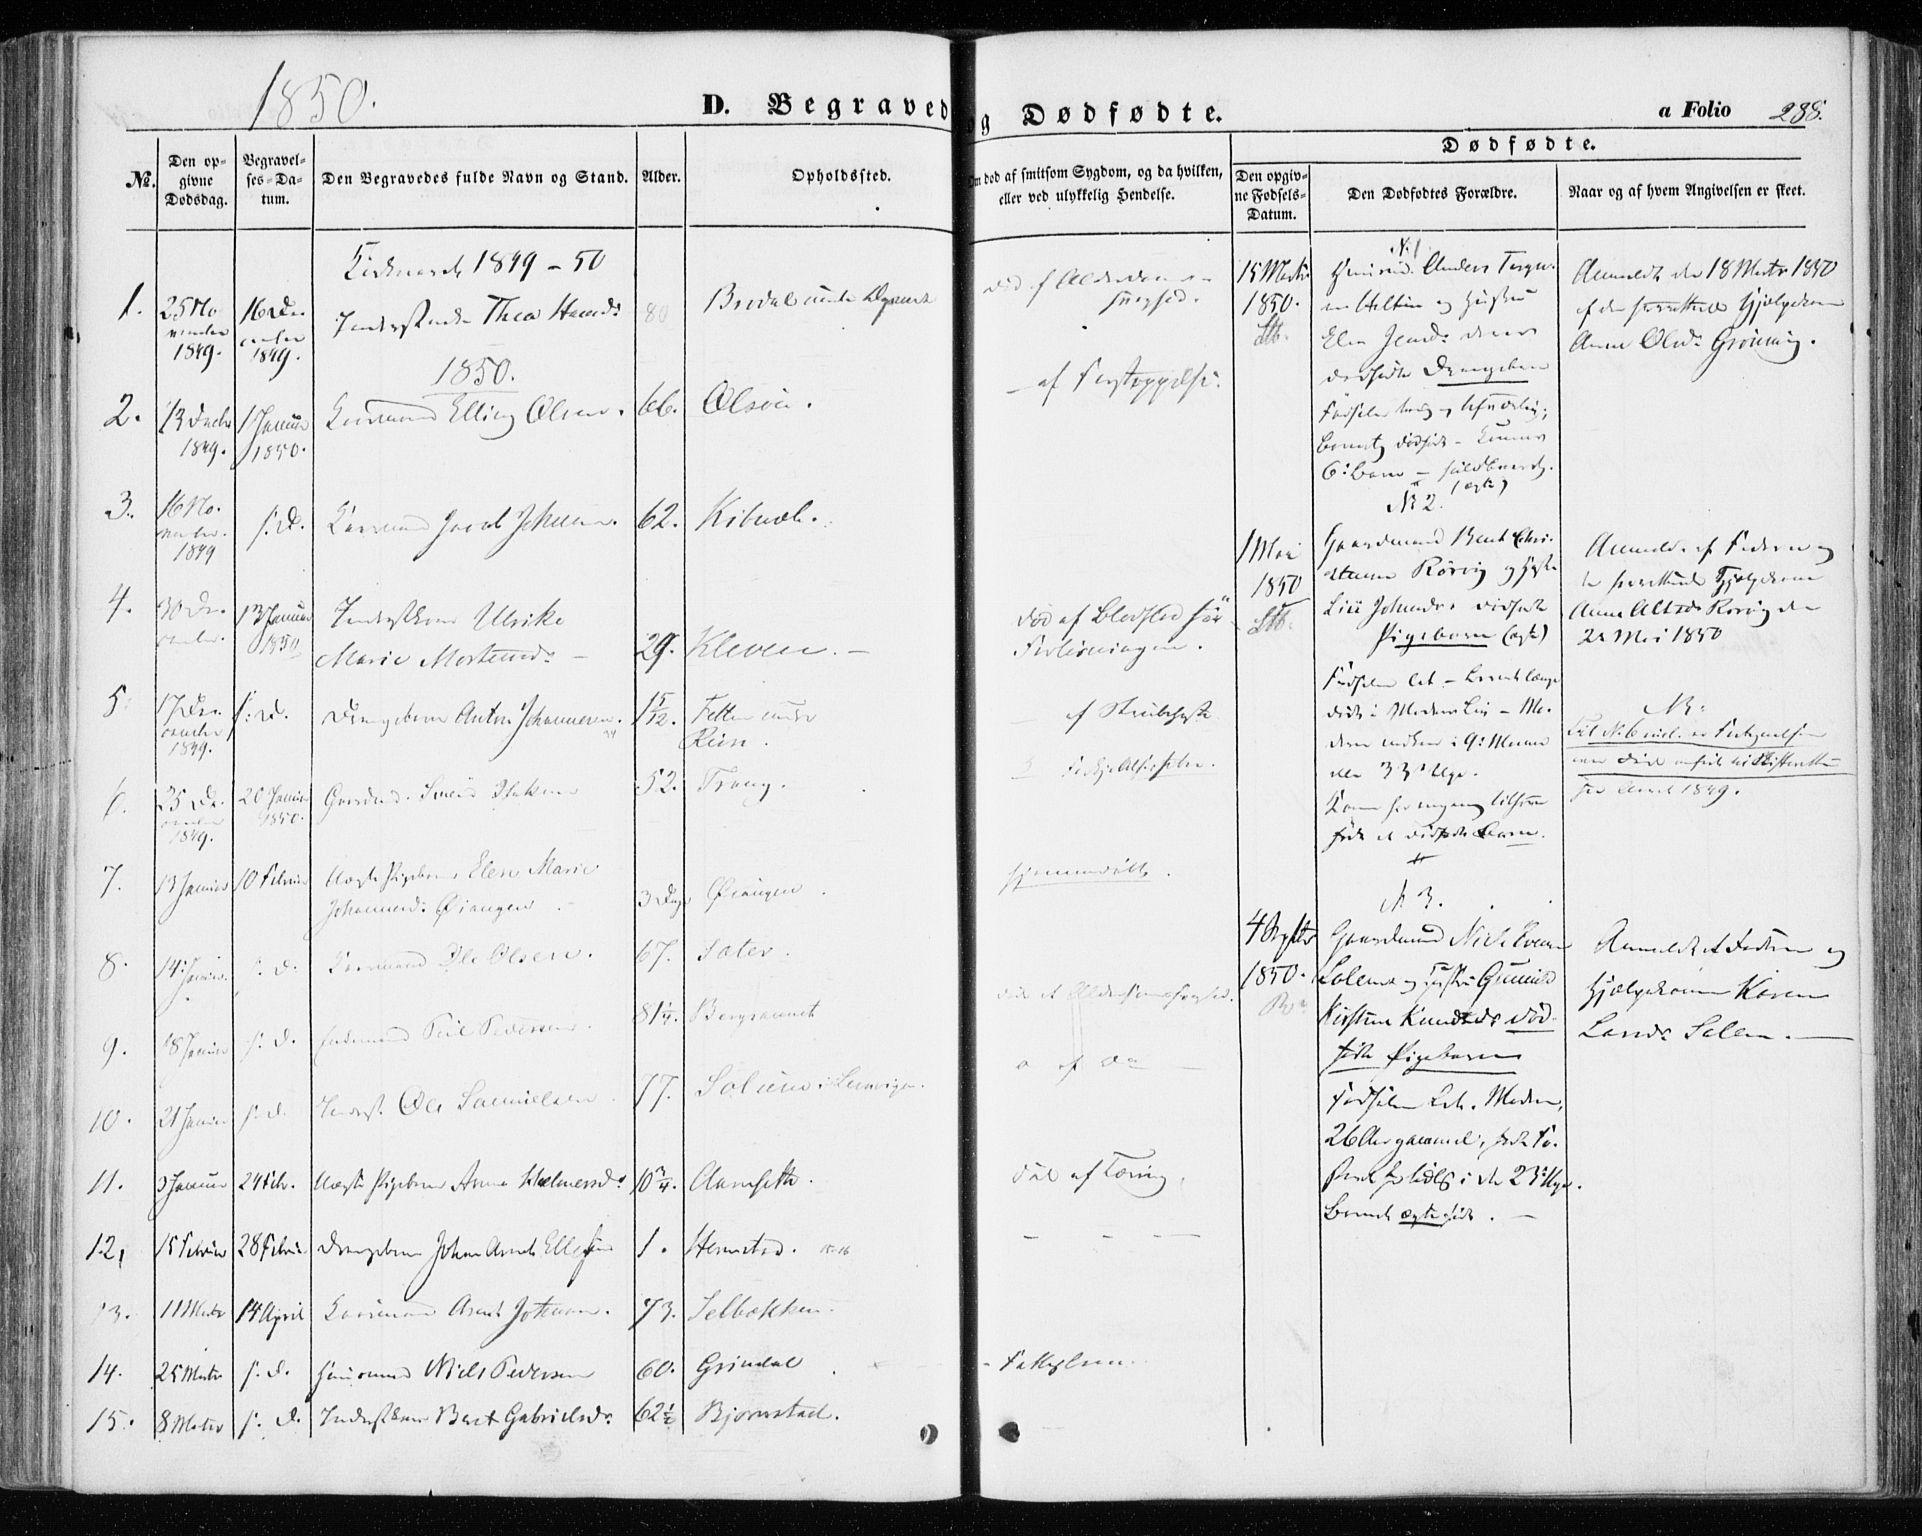 SAT, Ministerialprotokoller, klokkerbøker og fødselsregistre - Sør-Trøndelag, 646/L0611: Ministerialbok nr. 646A09, 1848-1857, s. 288